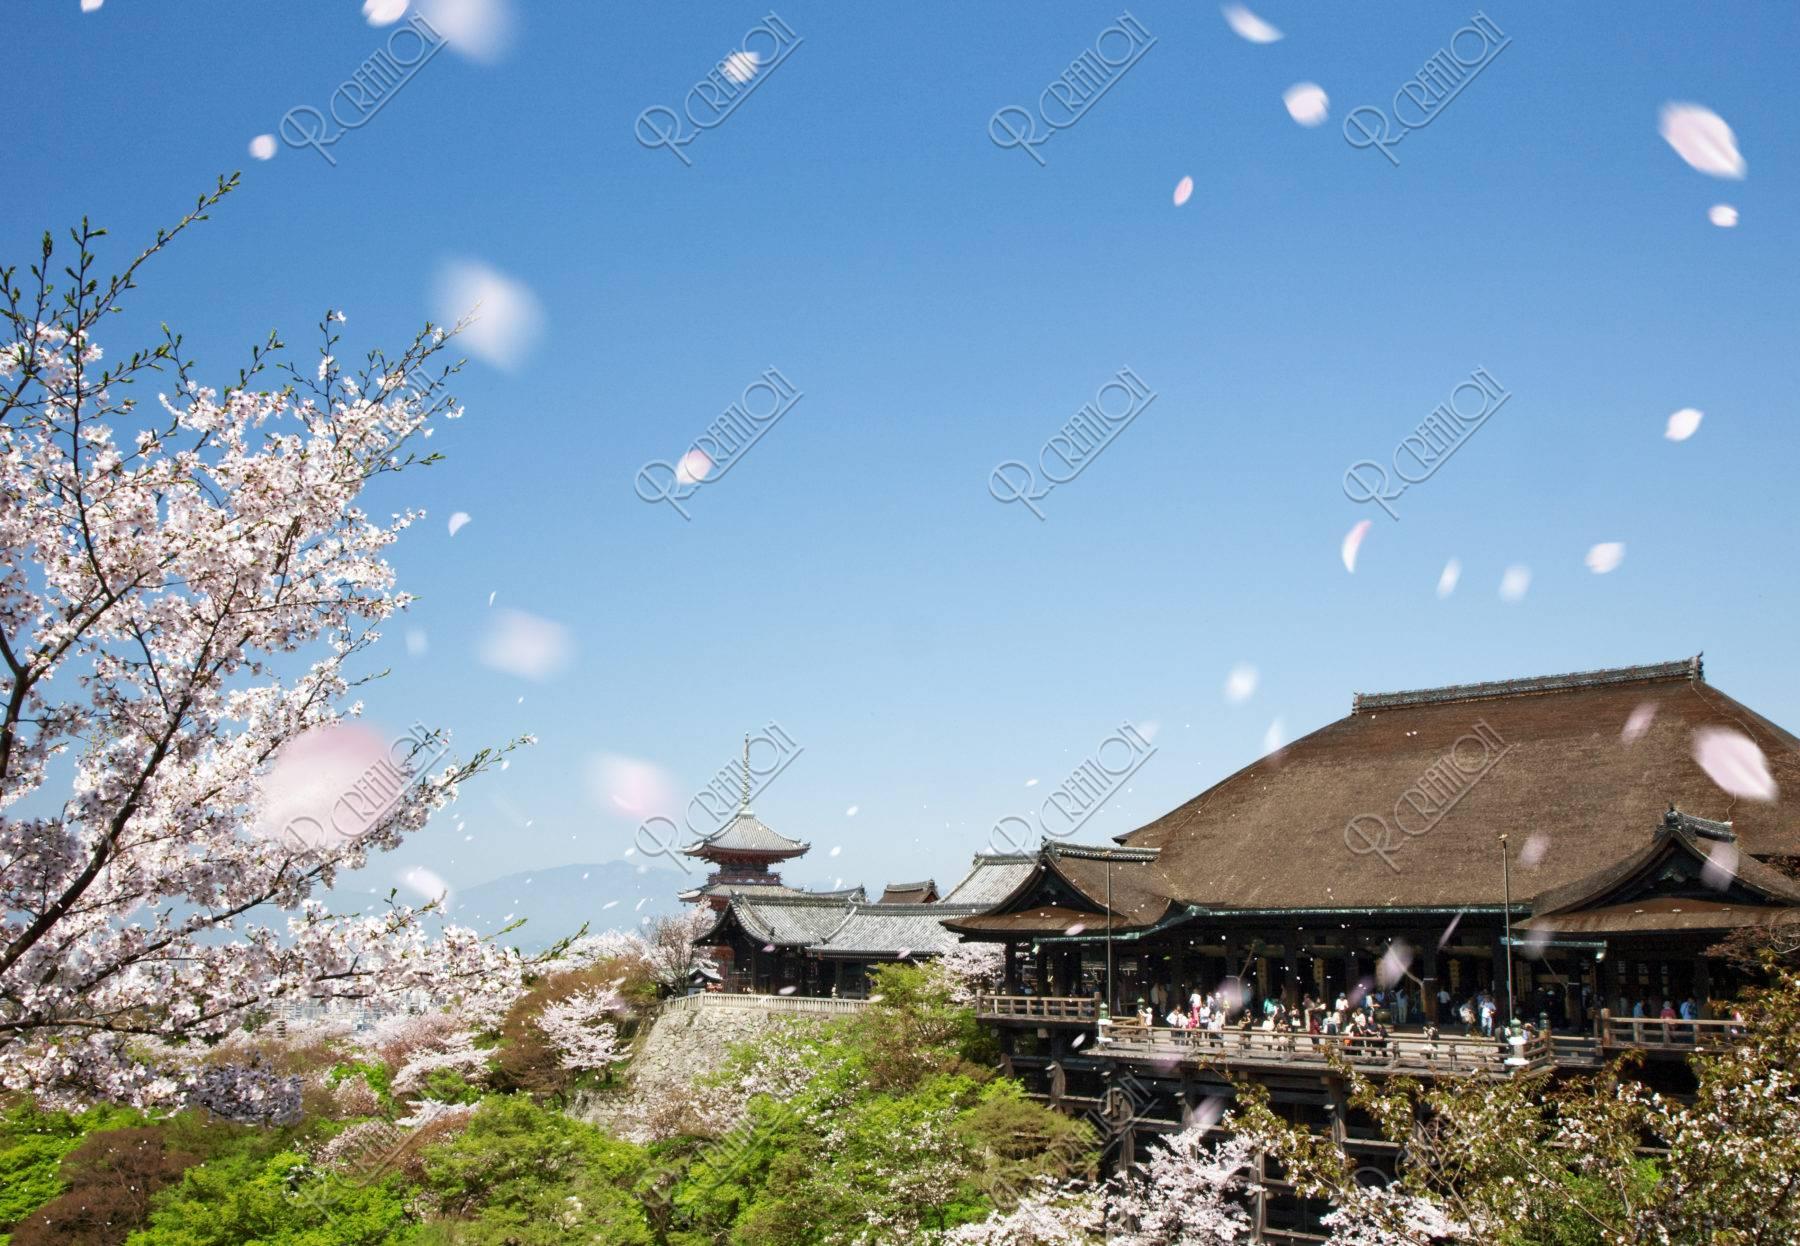 清水寺に舞う桜吹雪